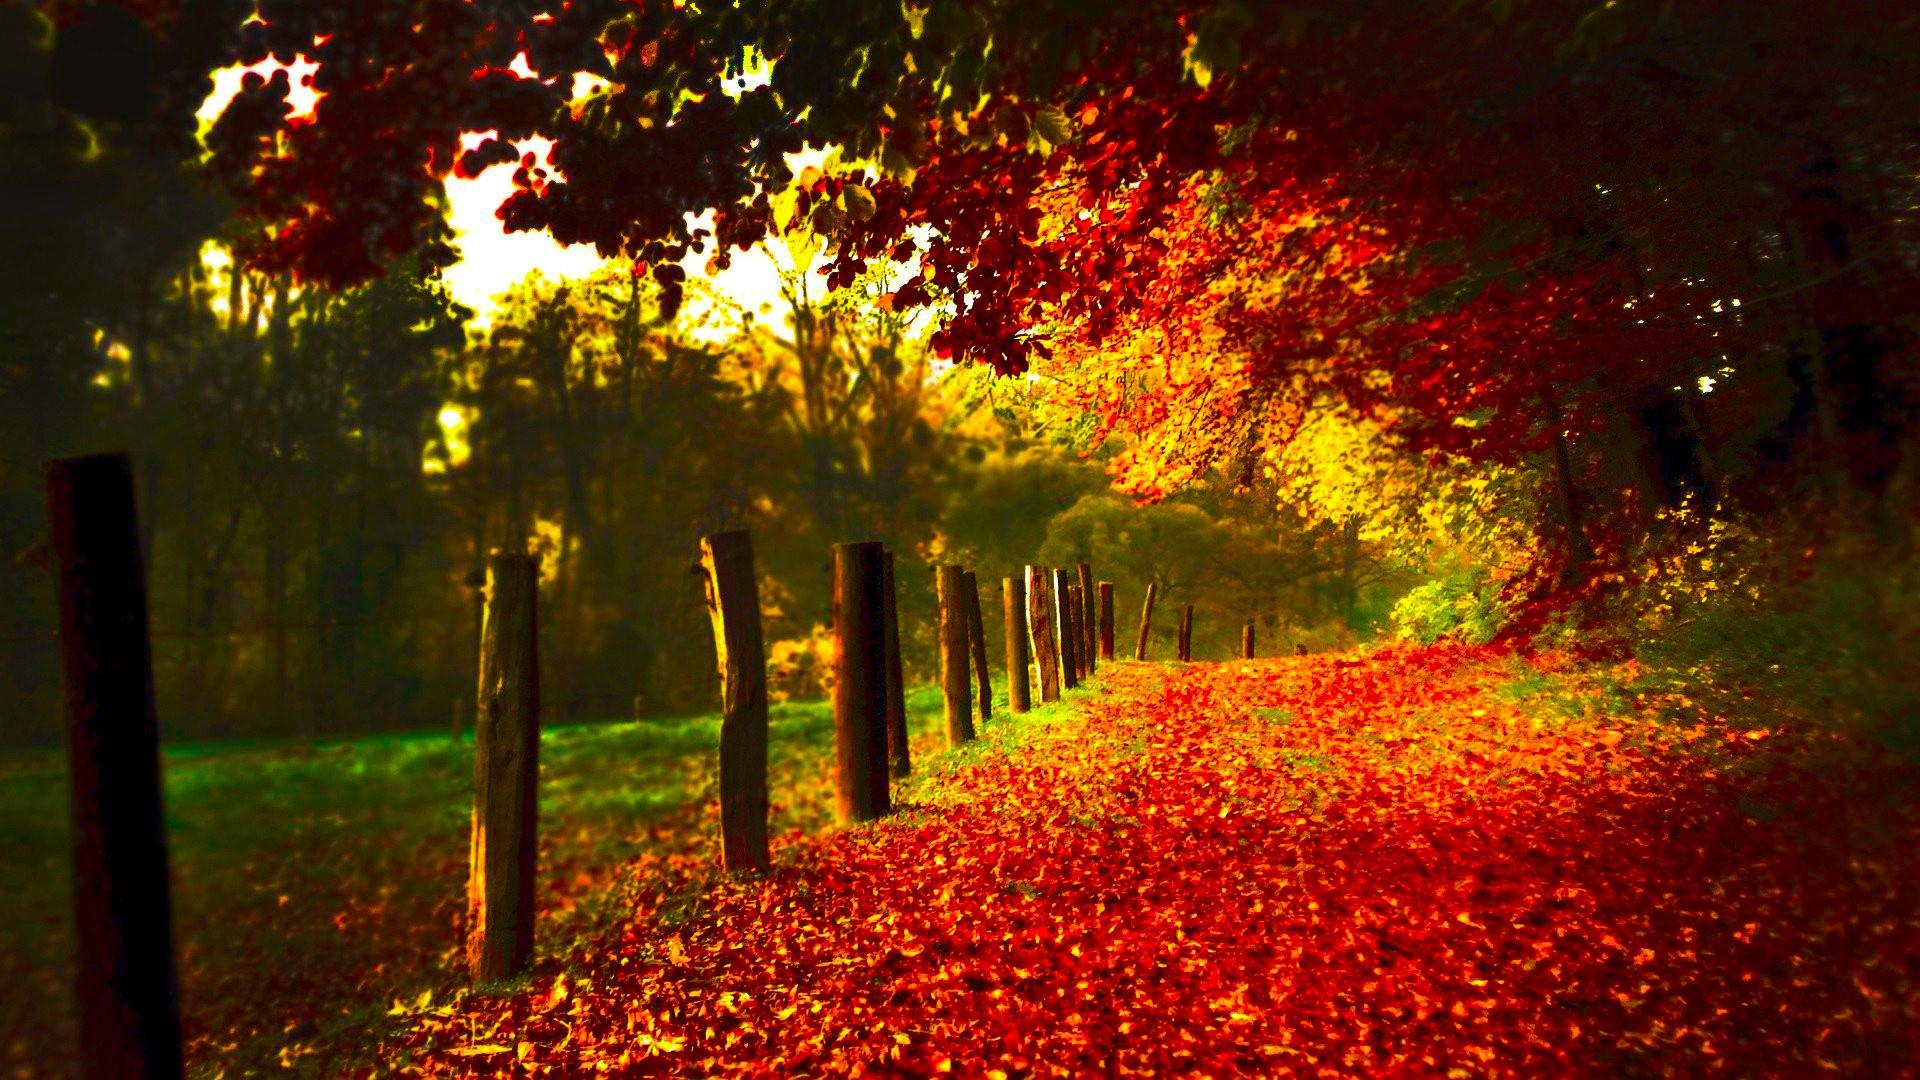 Autumn Scenery 23960